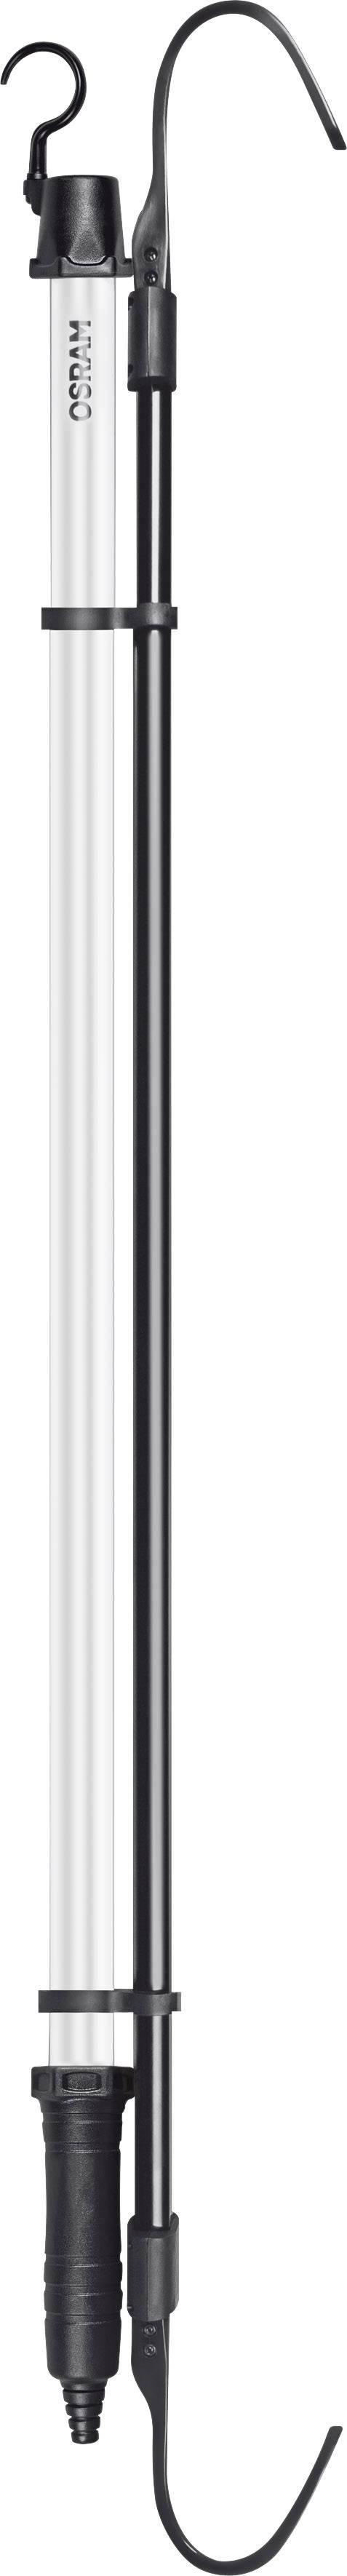 izdelek-led-svetilka-za-motorni-pokrov-omrezno-napajanje-osram-ledi